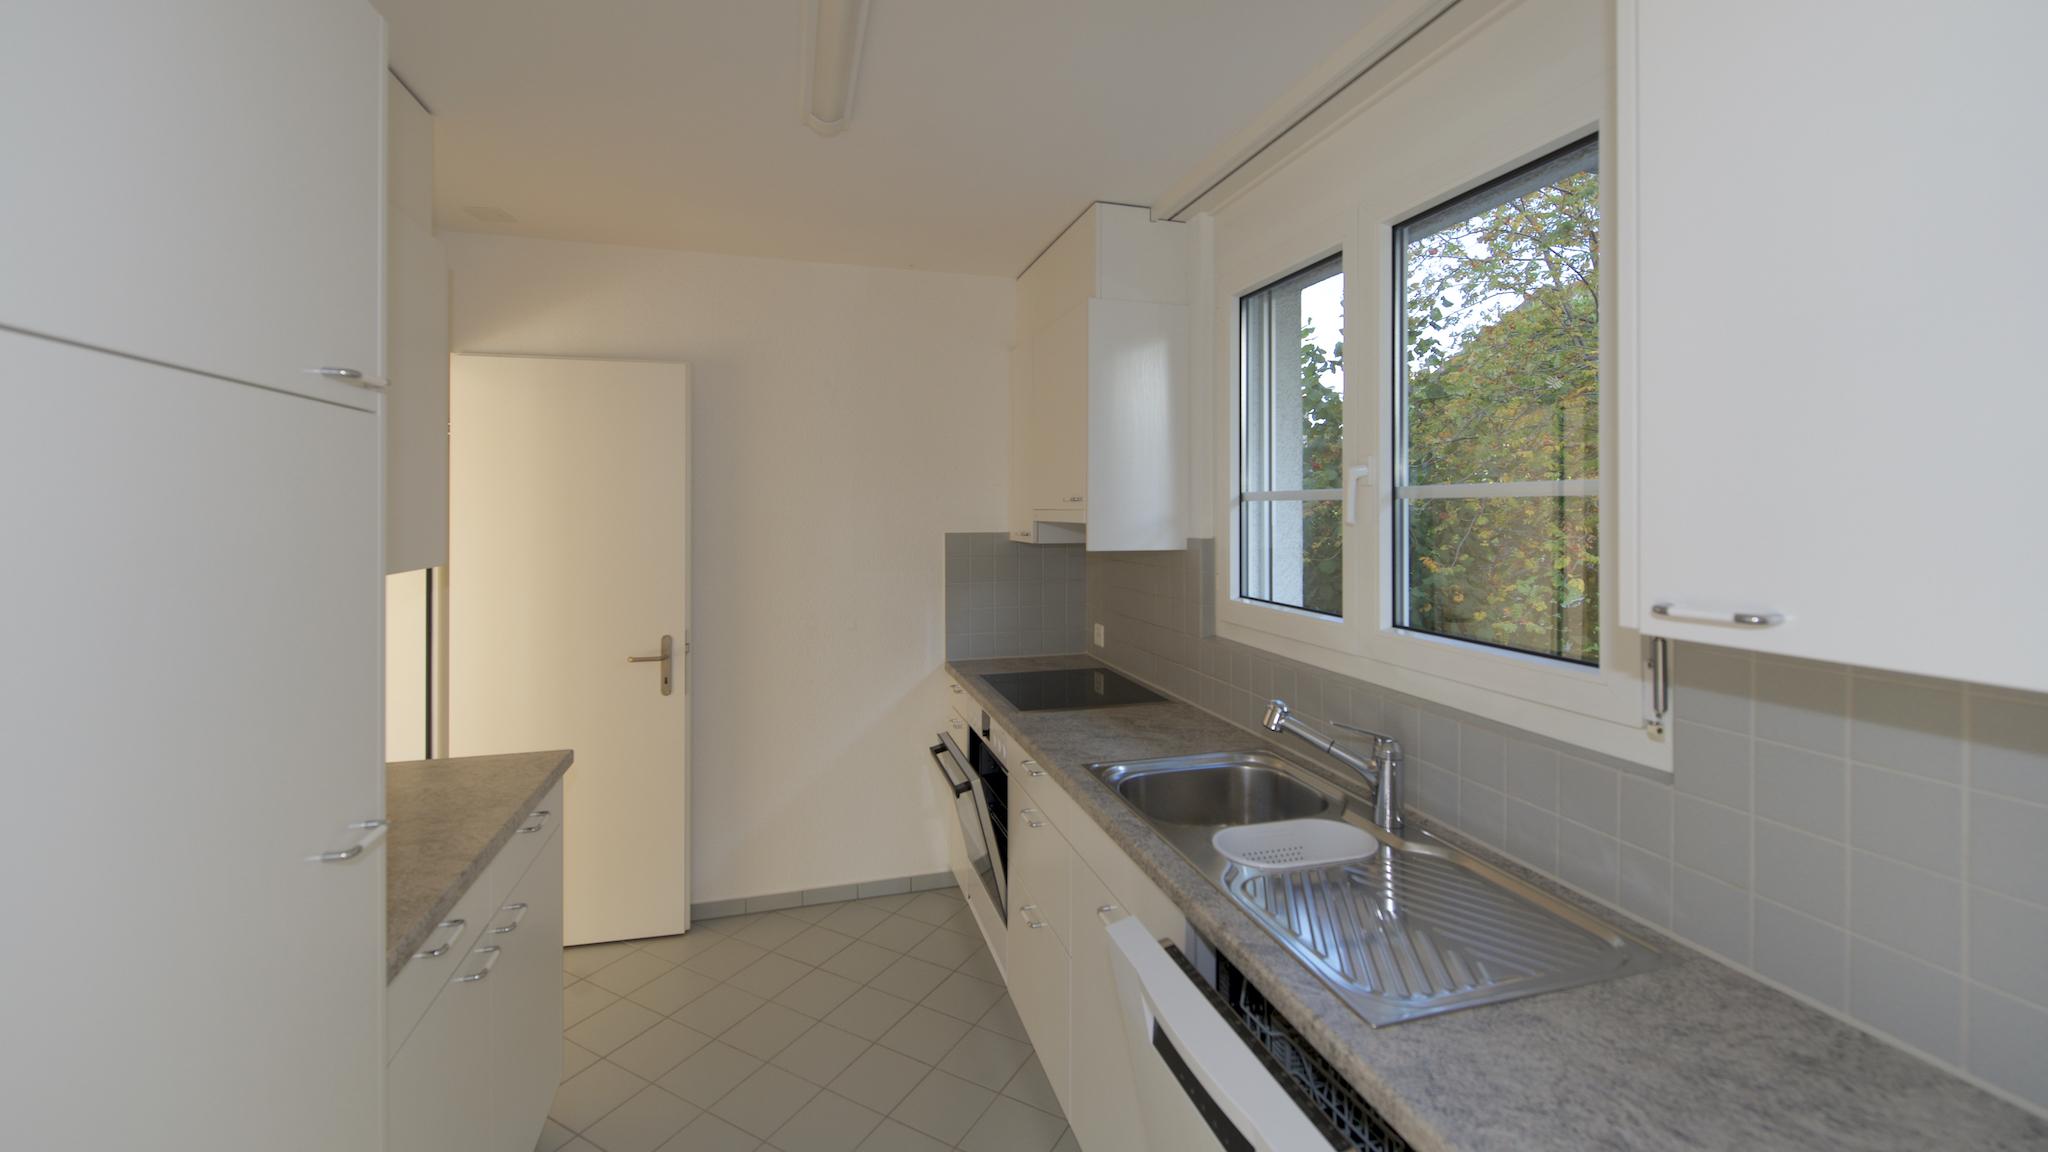 Küche mit Fenster Richtung Süden